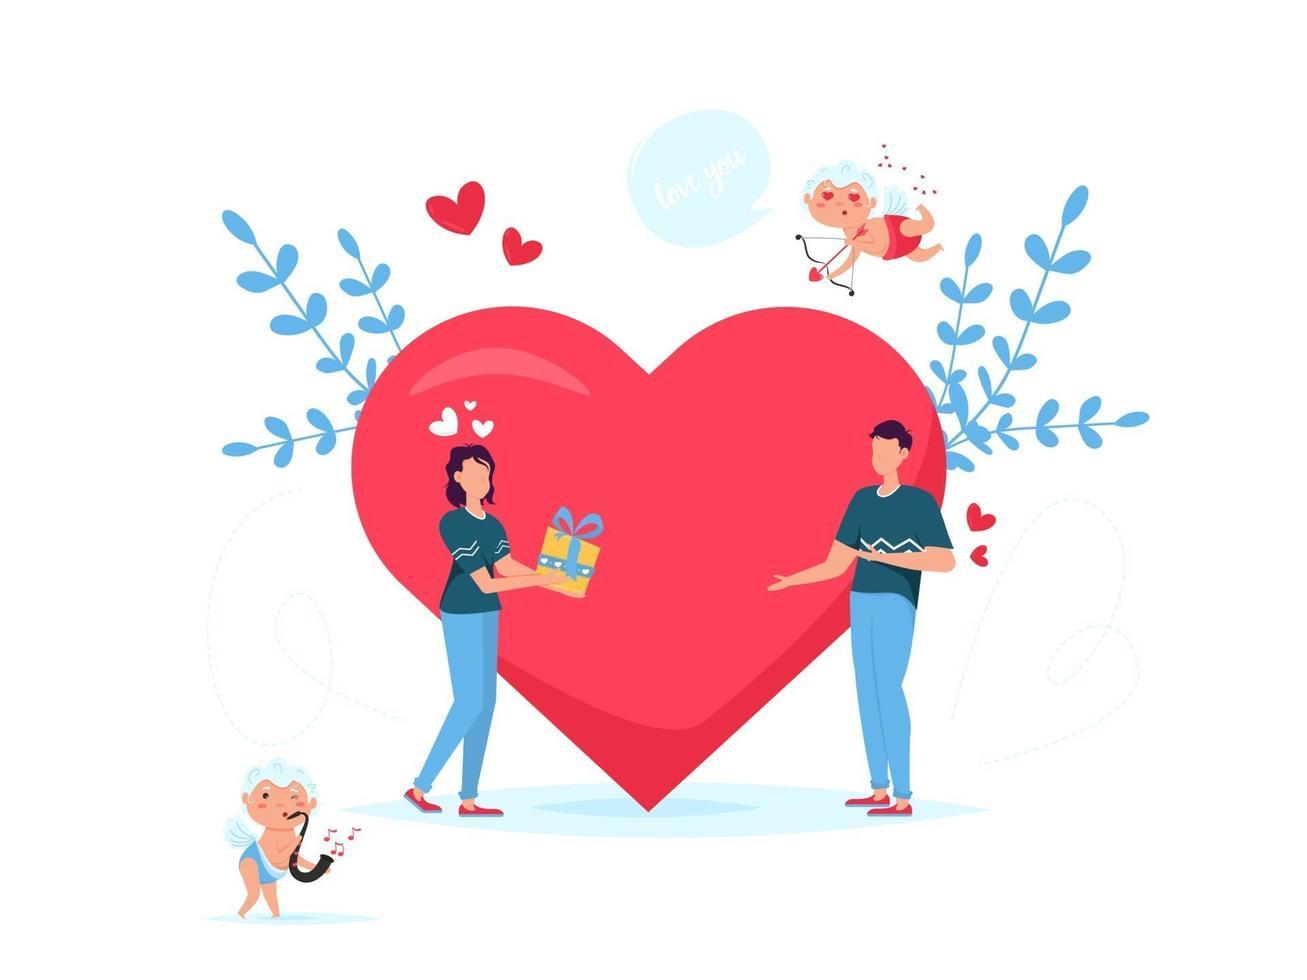 tarjeta de regalo de citas de concepto romántico del día de San Valentín. los amantes de la relación de dos personas. pareja dando caja de regalo. vector